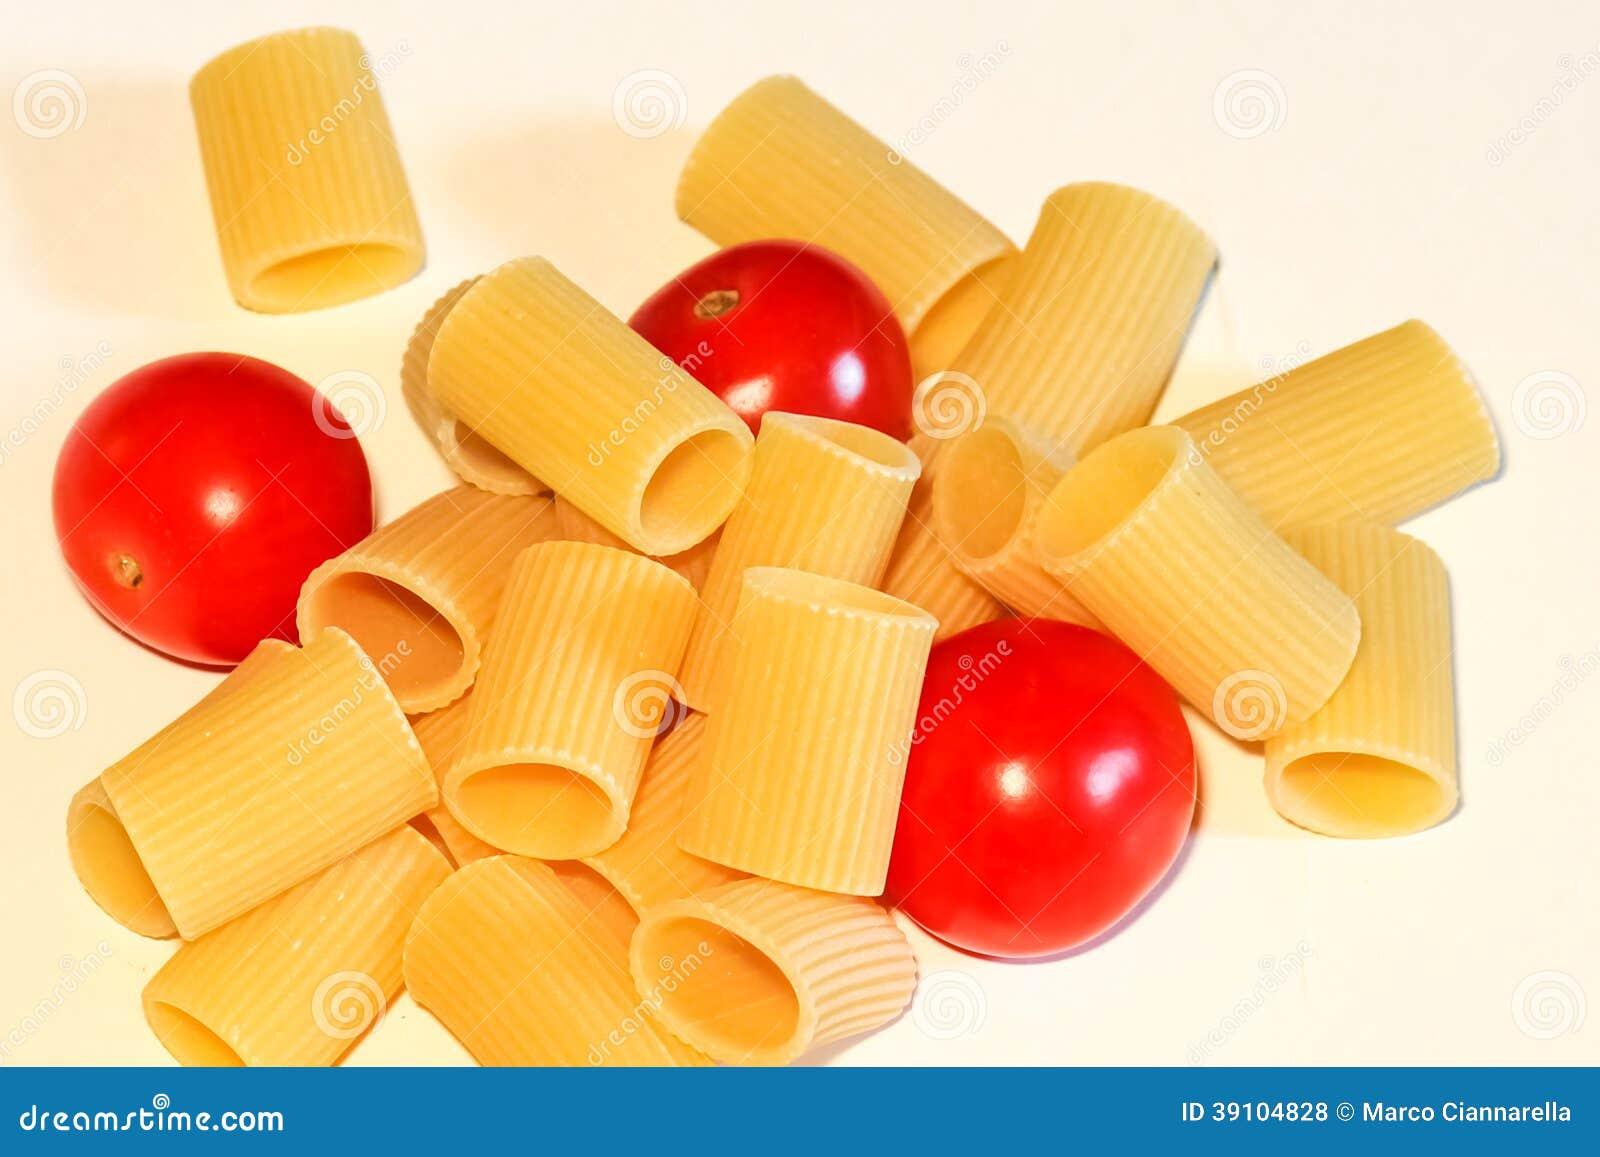 Macaronideegwaren en tomaat